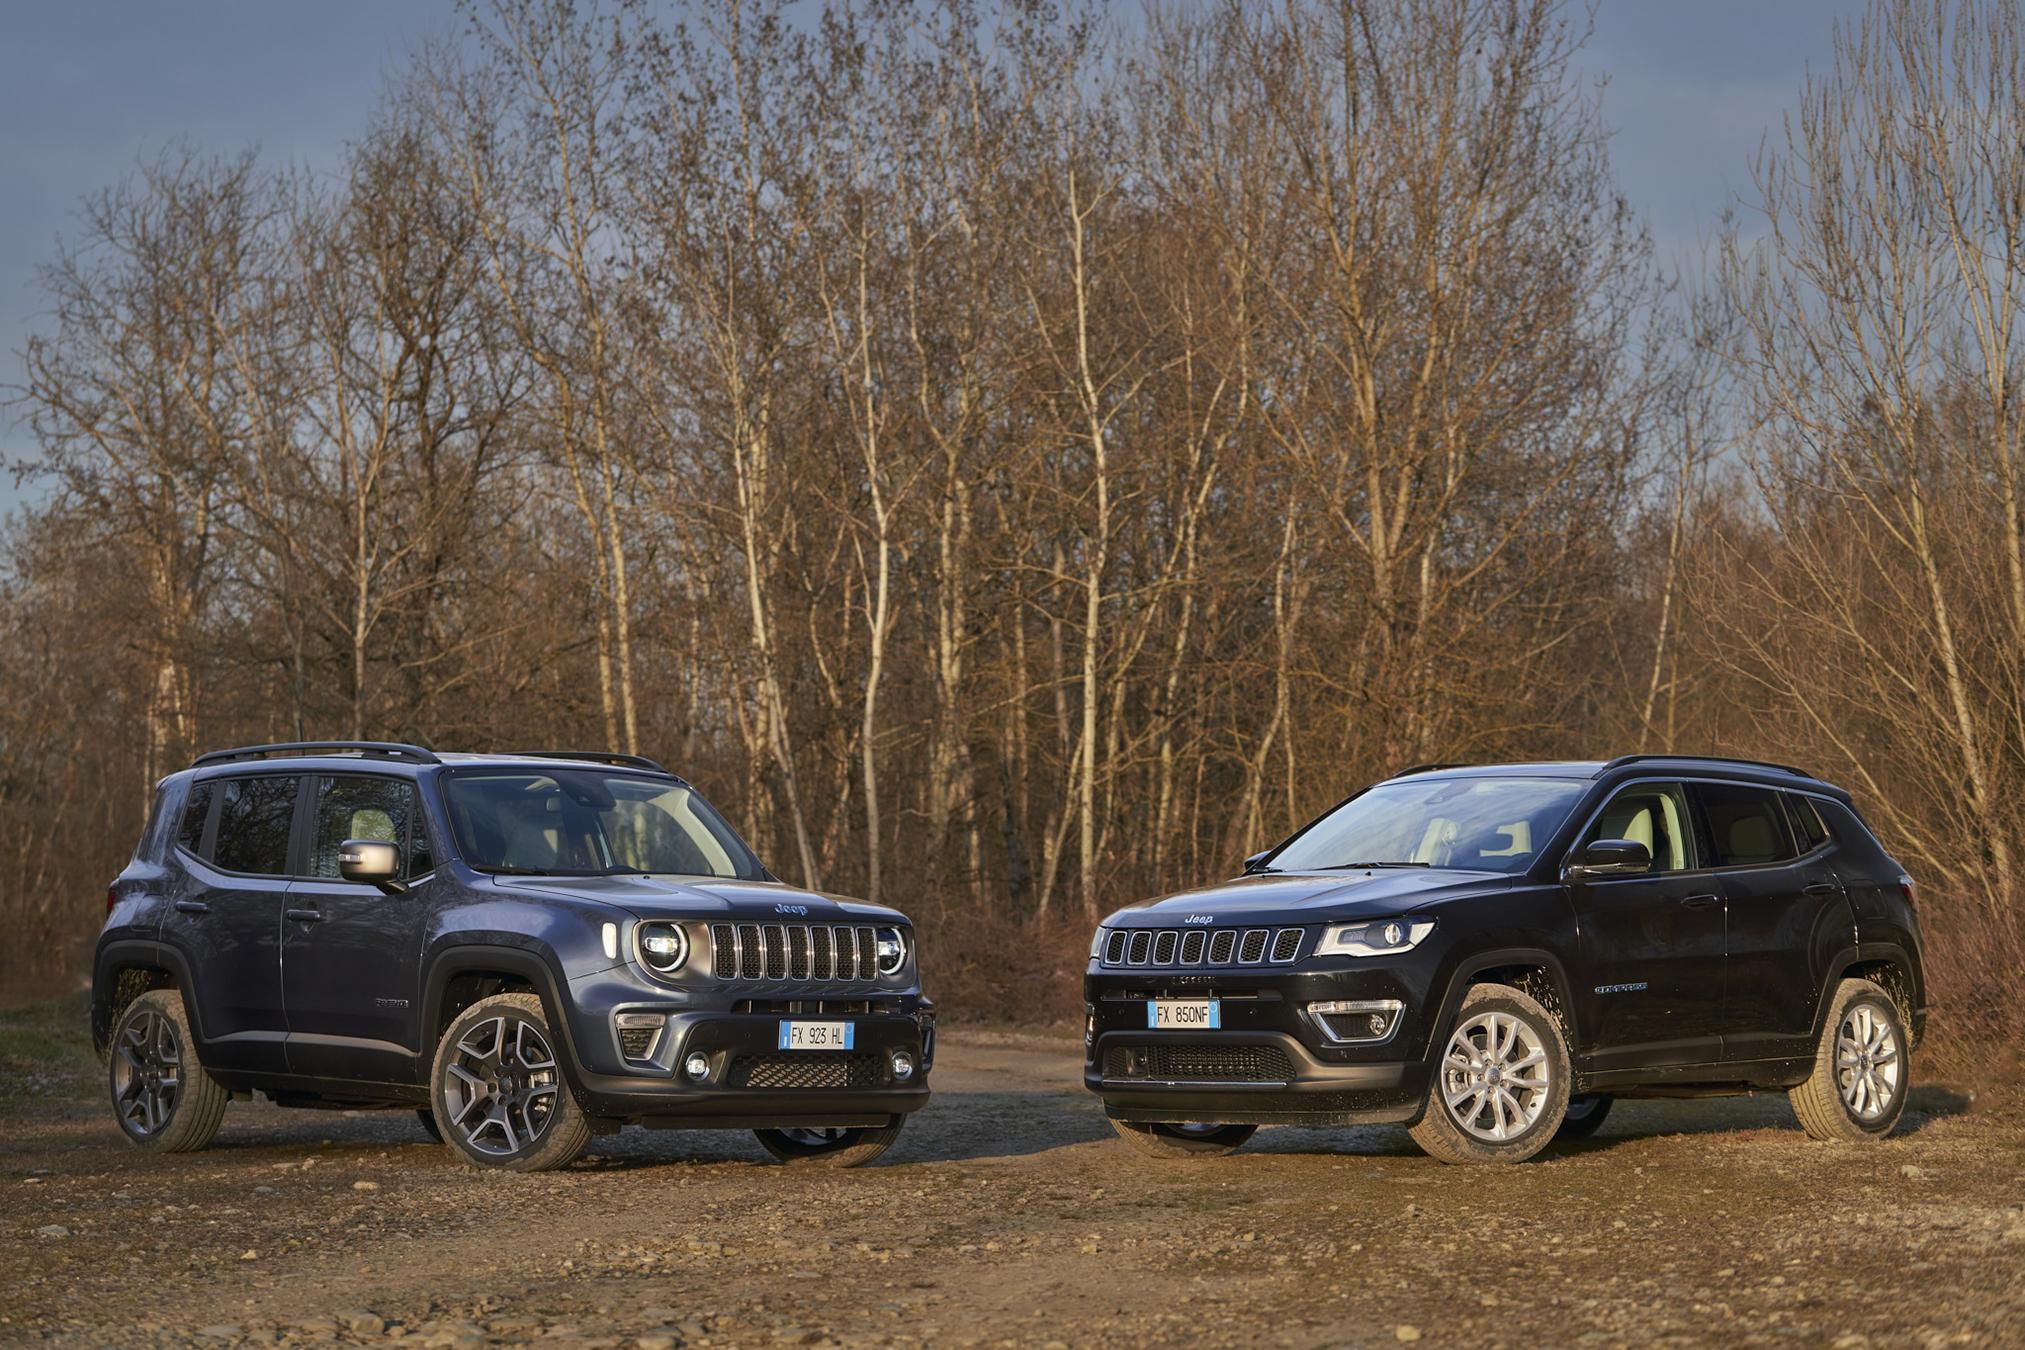 Jeep Renegade e Compass 4xe: al via gli ordini per i suv ibridi plug-in (scheda tecnica, prezzi, foto)